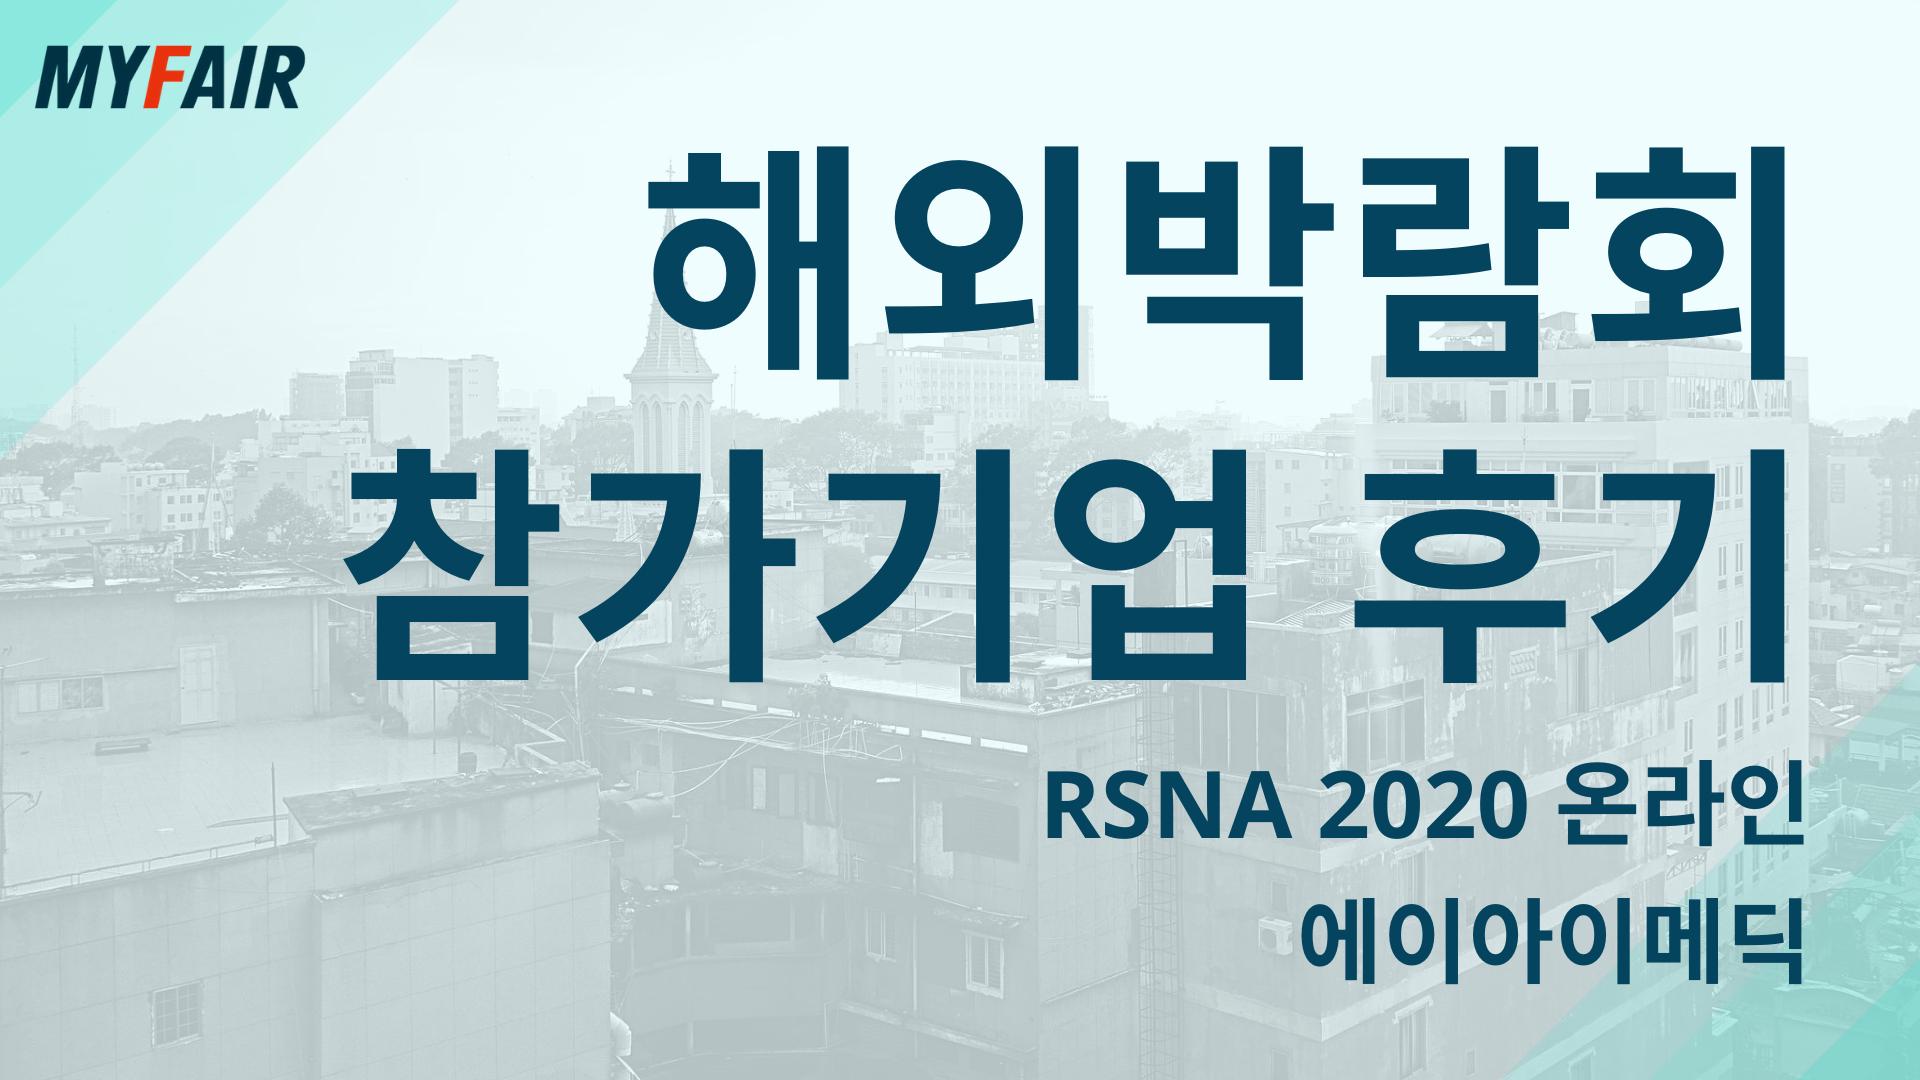 [해외박람회 후기] RSNA 2020 온라인 – 에이아이메딕